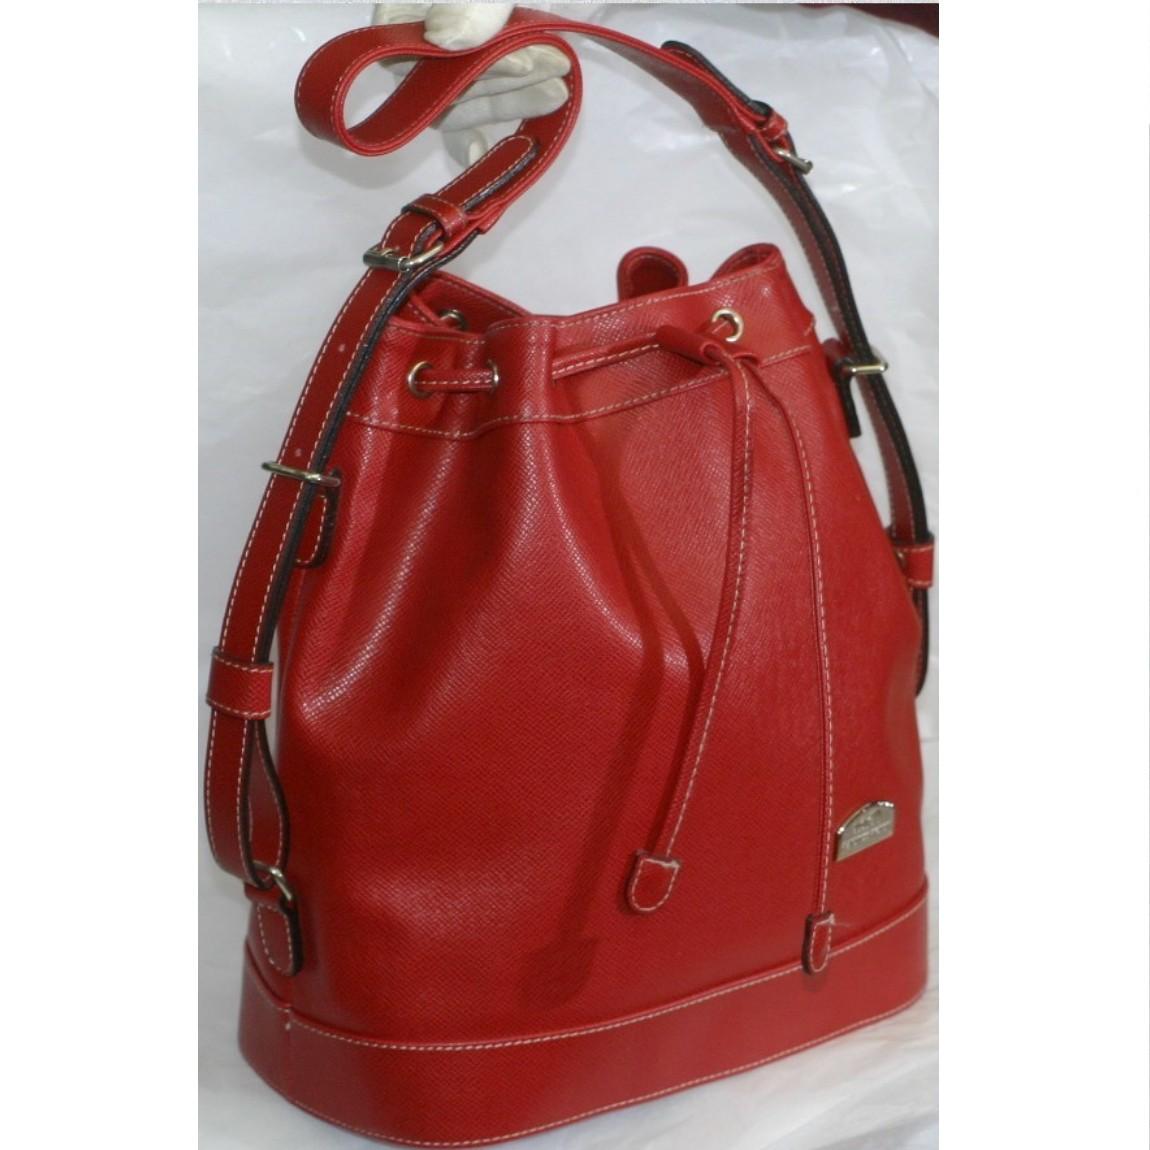 【中古】本物可ハーネスハウス女性用赤いボコボコした質感の巾着ショルダーバッグ